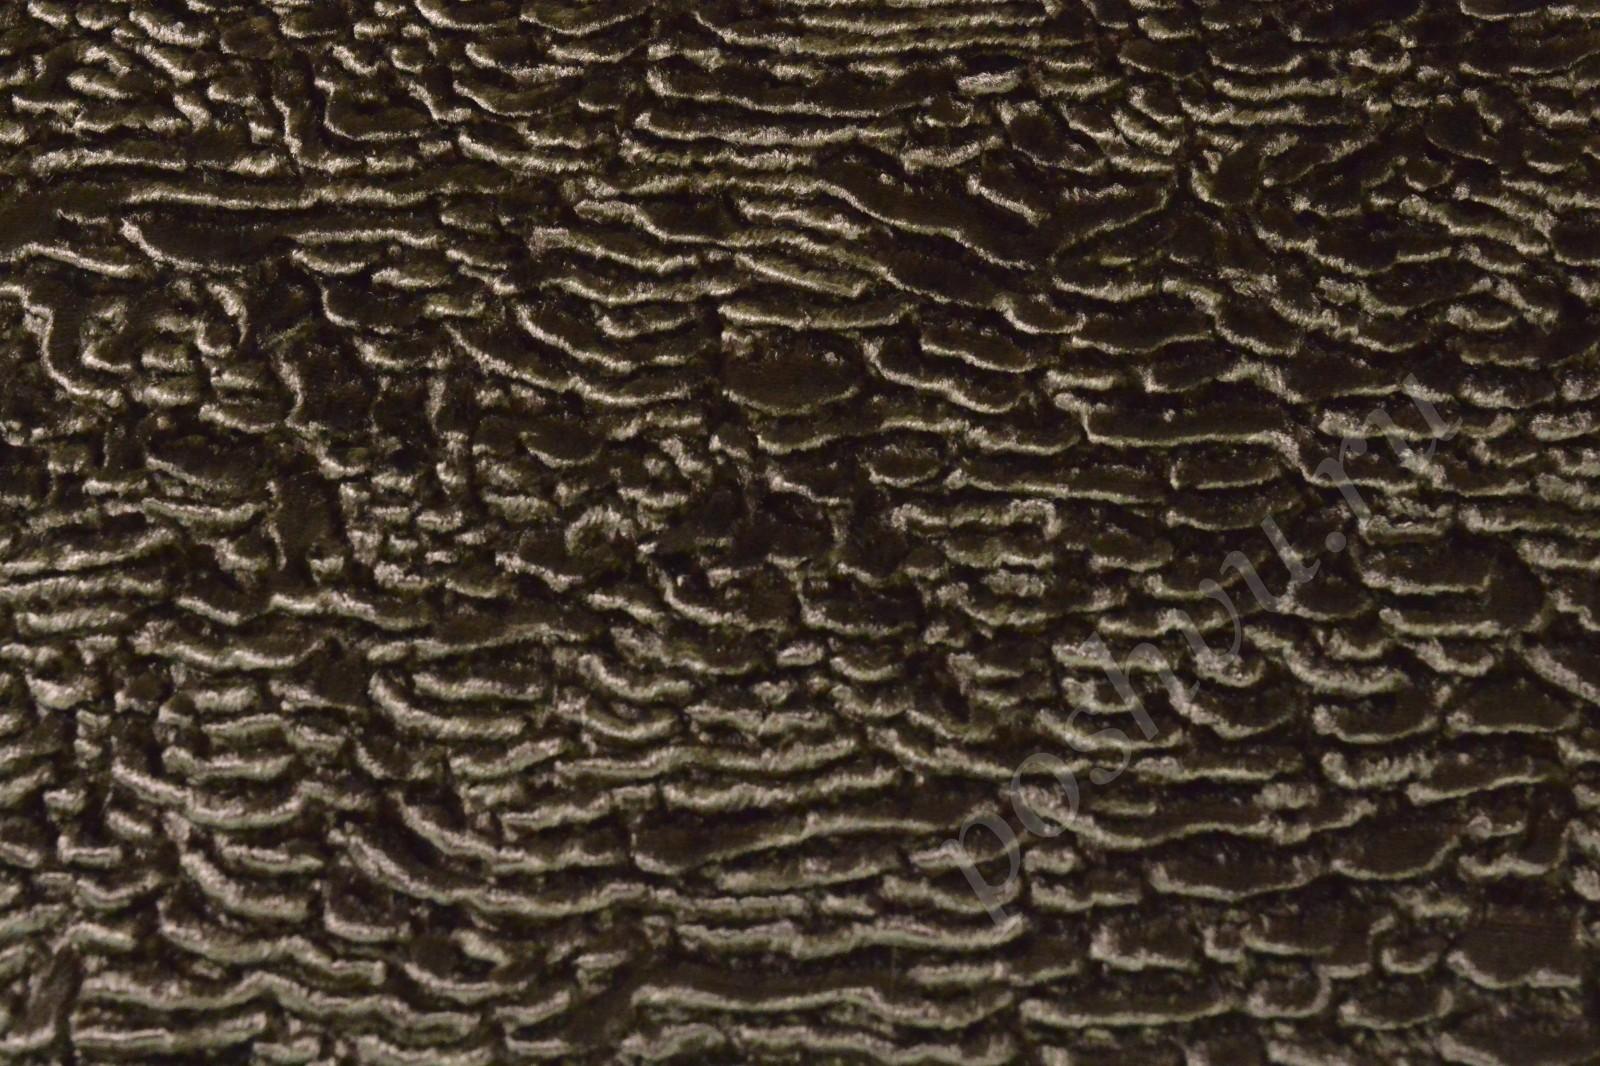 Натуральный каракуль: из чего его делают и как правильно ухаживать за мехом?